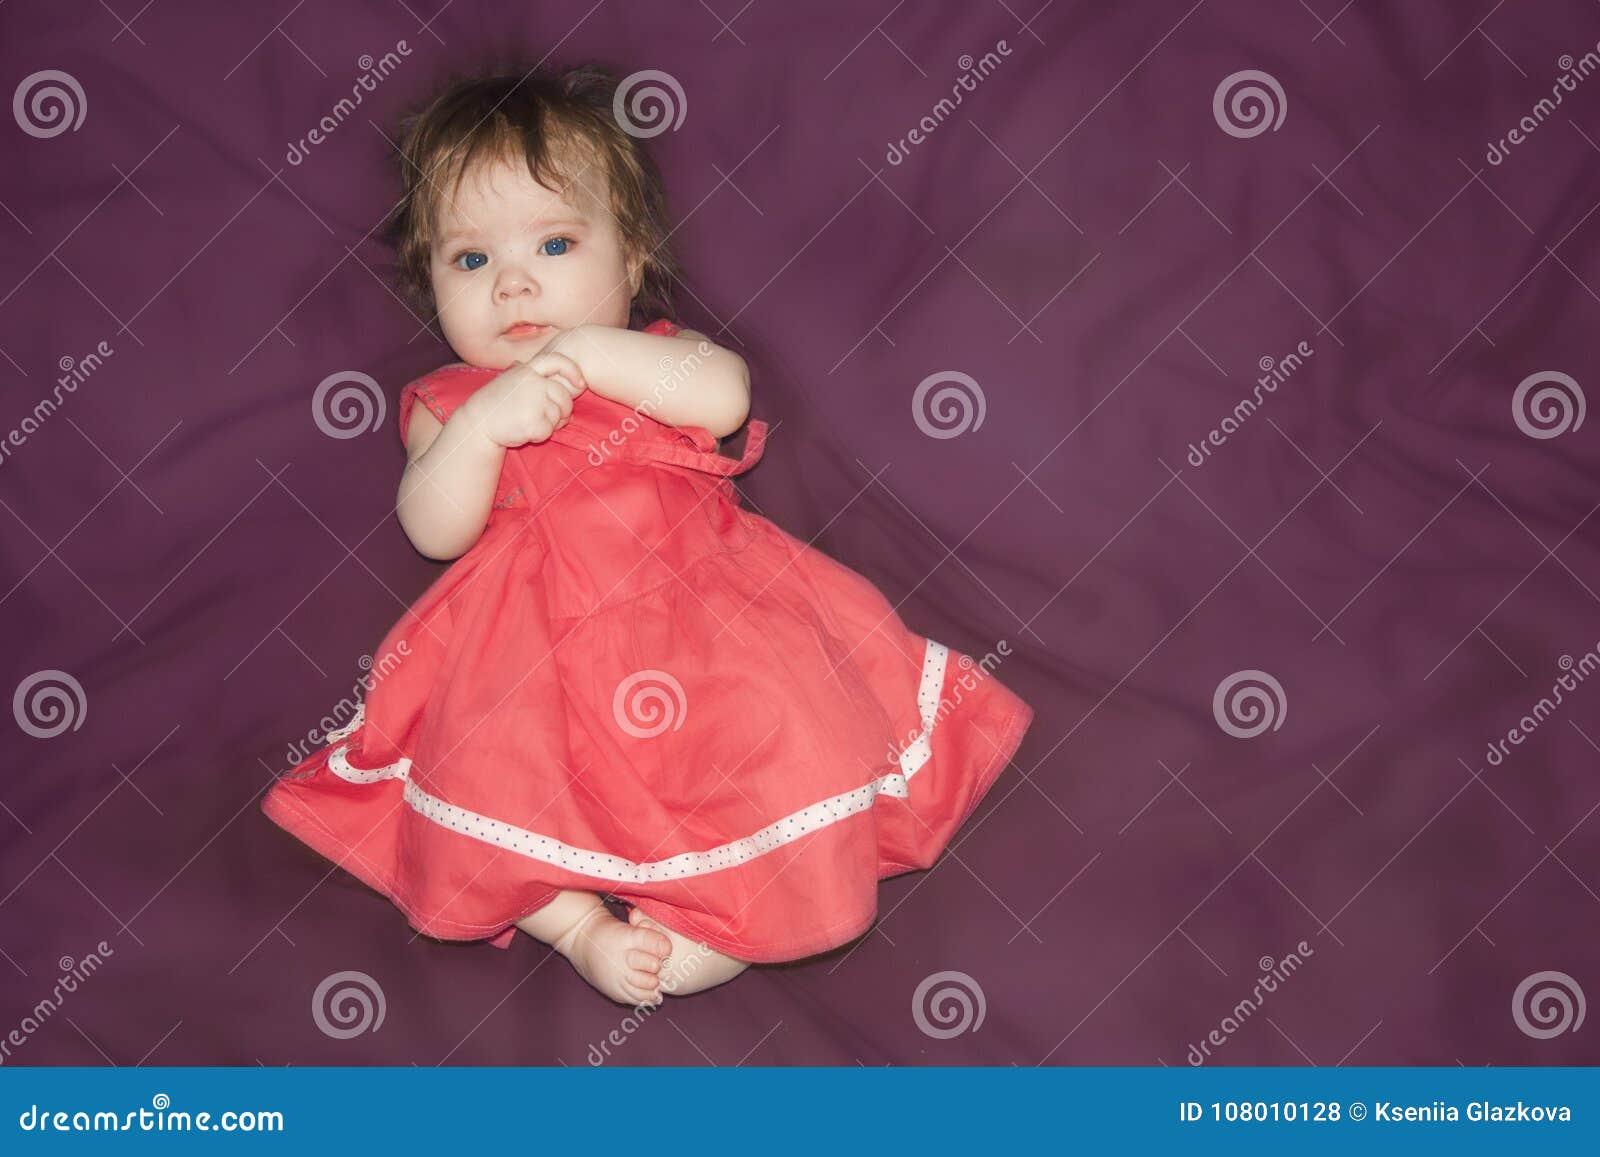 Unge flicka i en sniden klänning på en lila